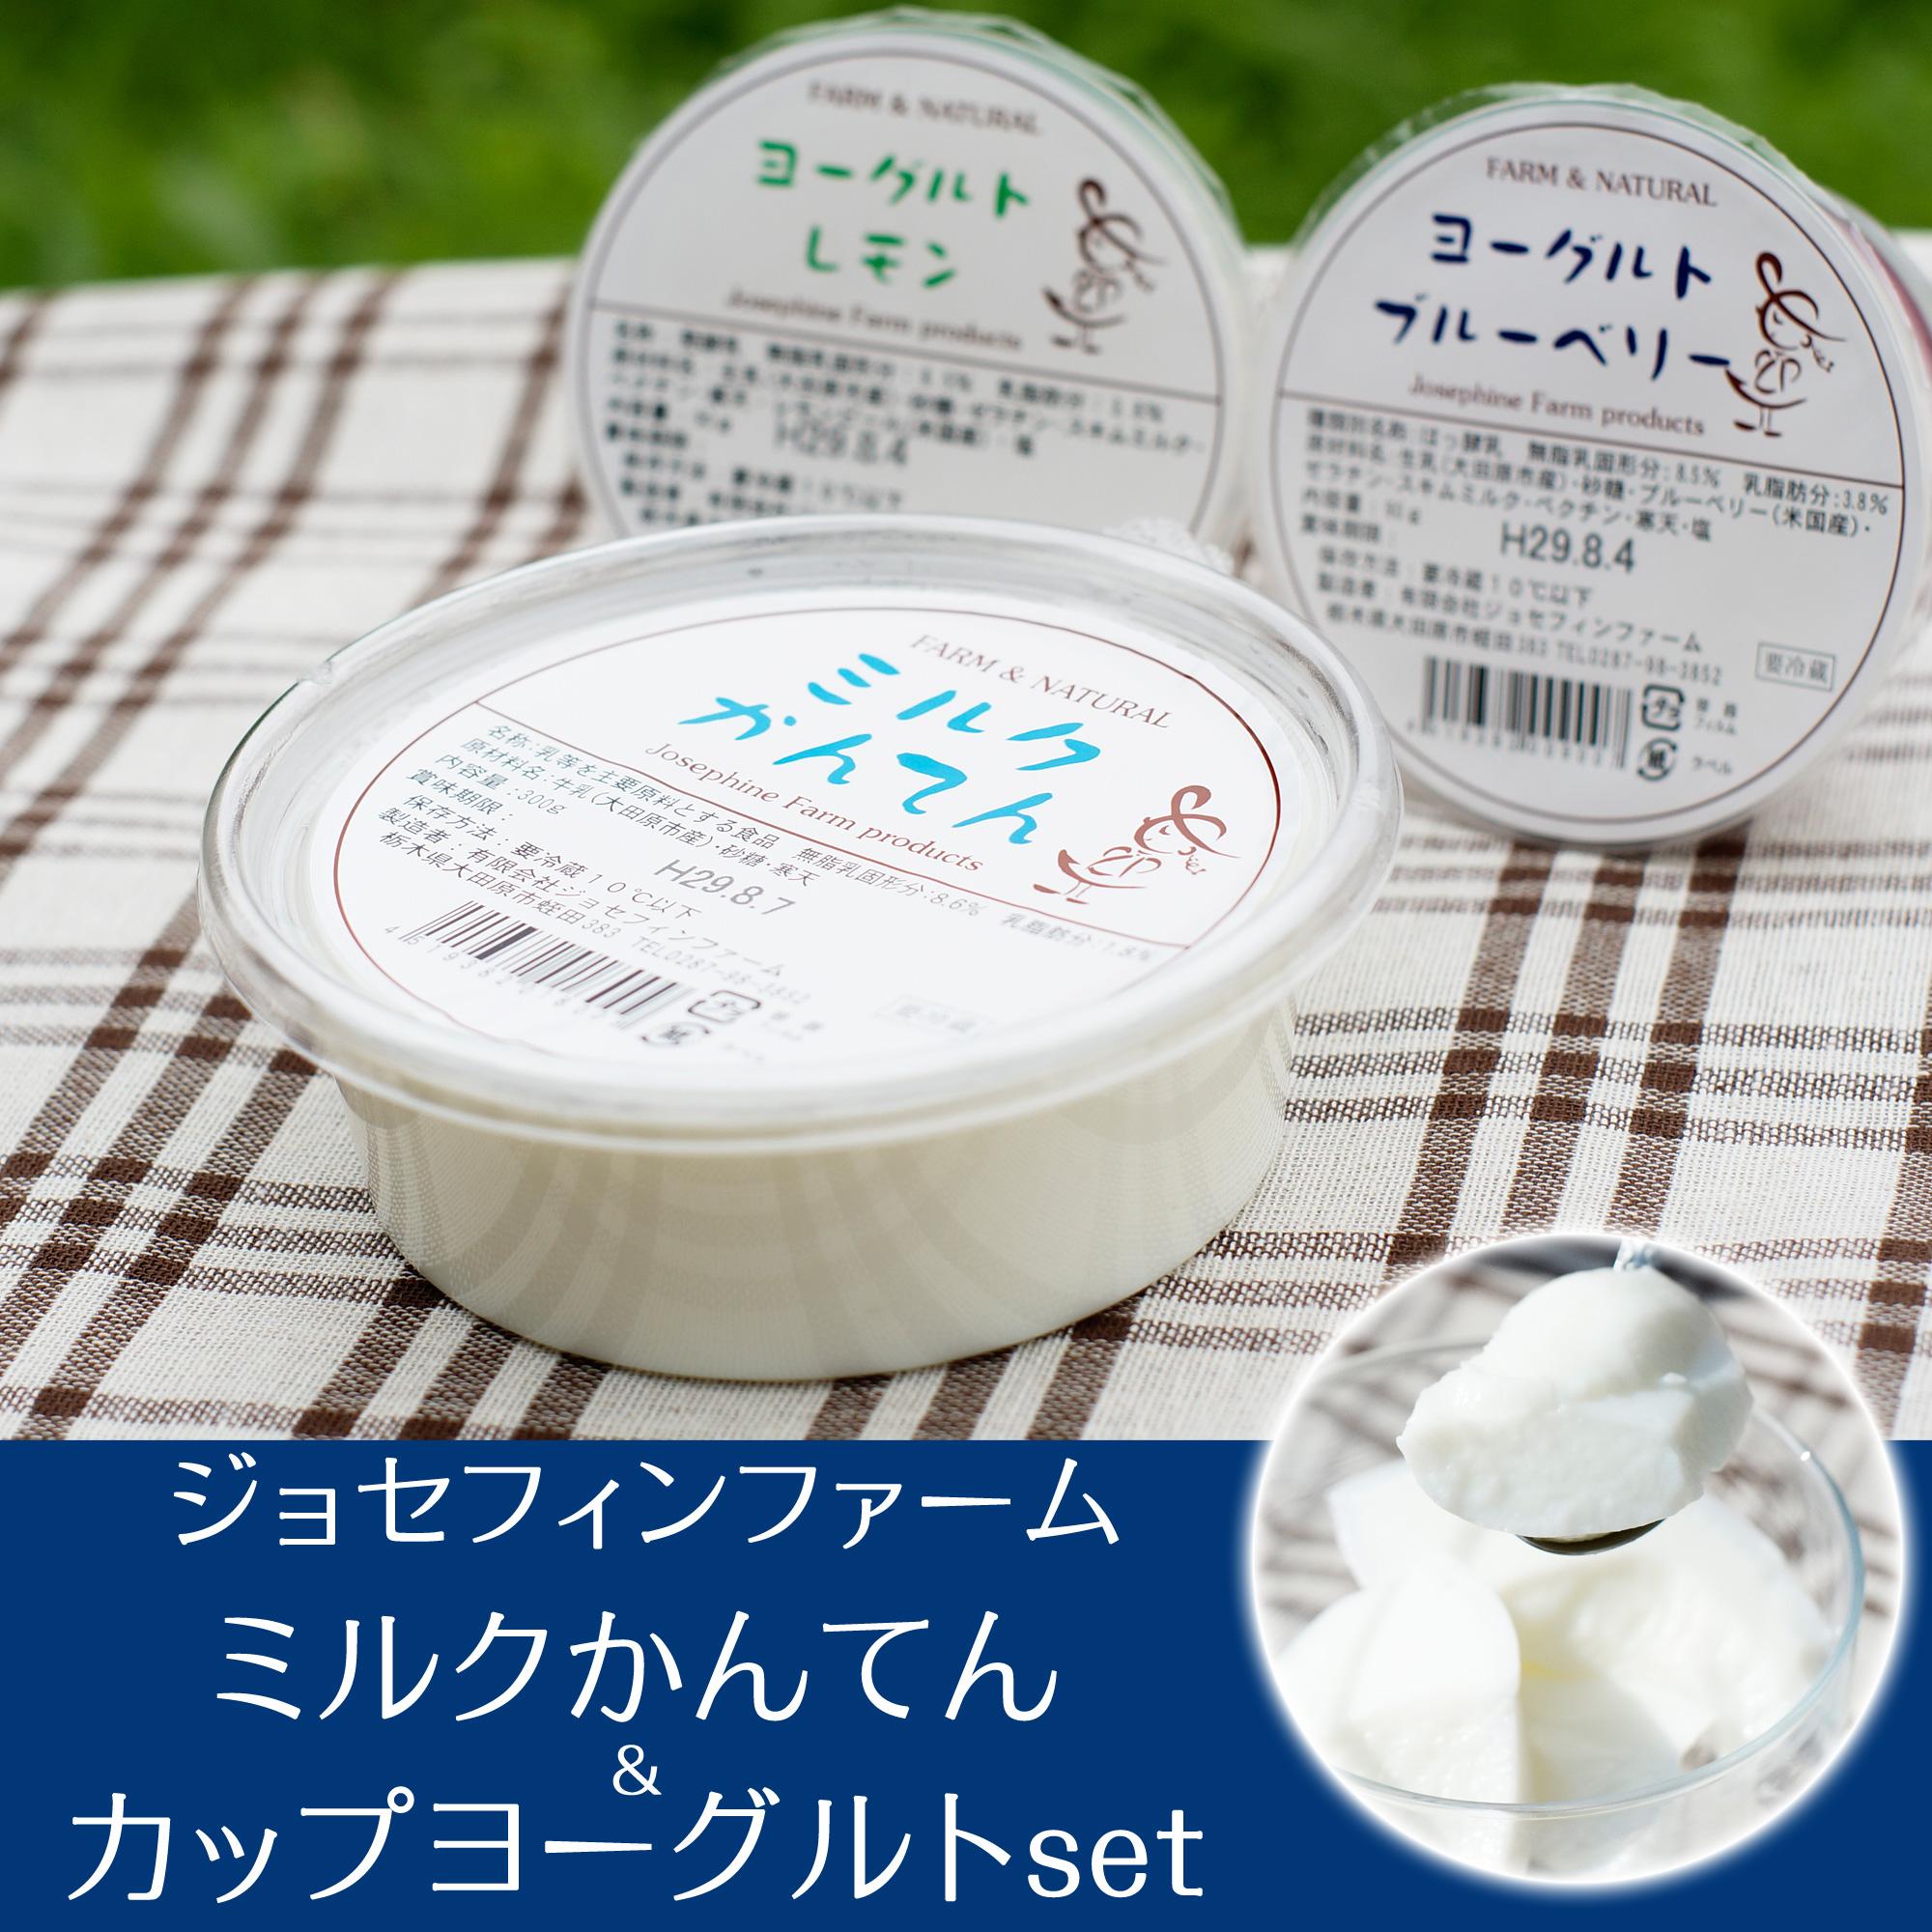 ジョセフィンファーム ミルクかんてん&カップヨーグルトセット